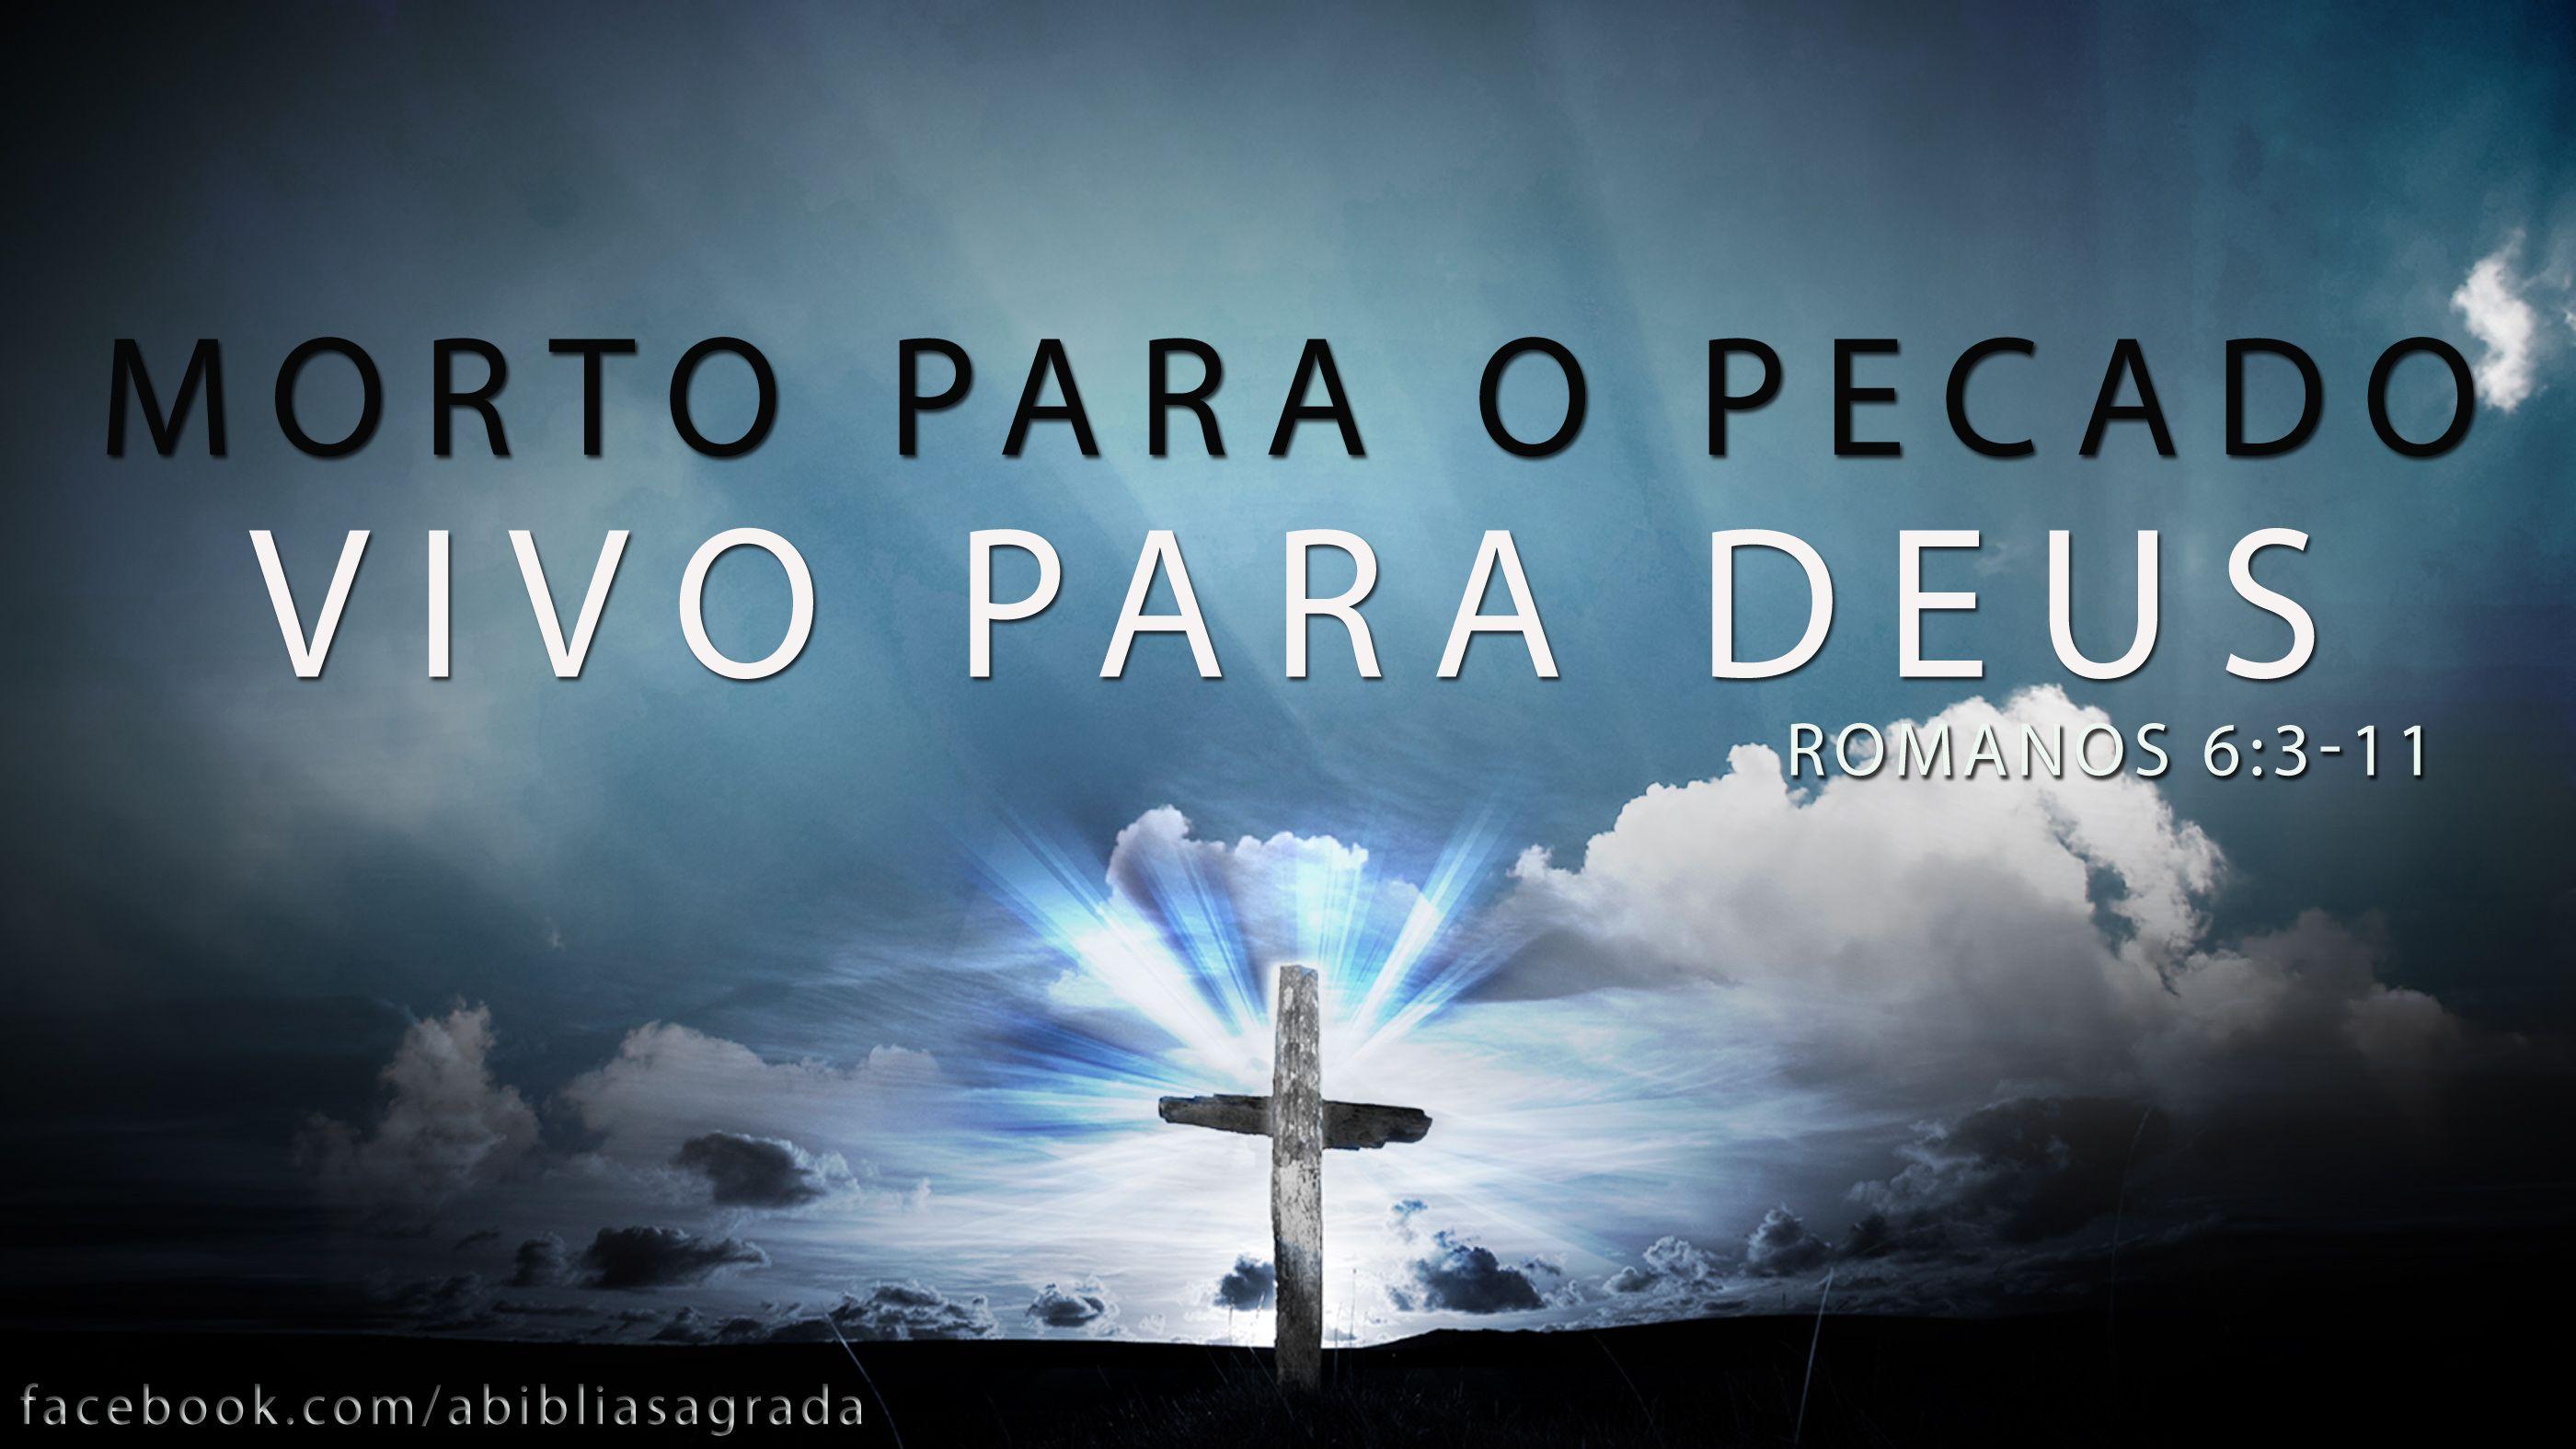 """Que O Eterno Atenda Todos Os Seus Desejos Então Está: """"Vocês Devem Se Considerar Mortos Para O Pecado; Mas, Por"""